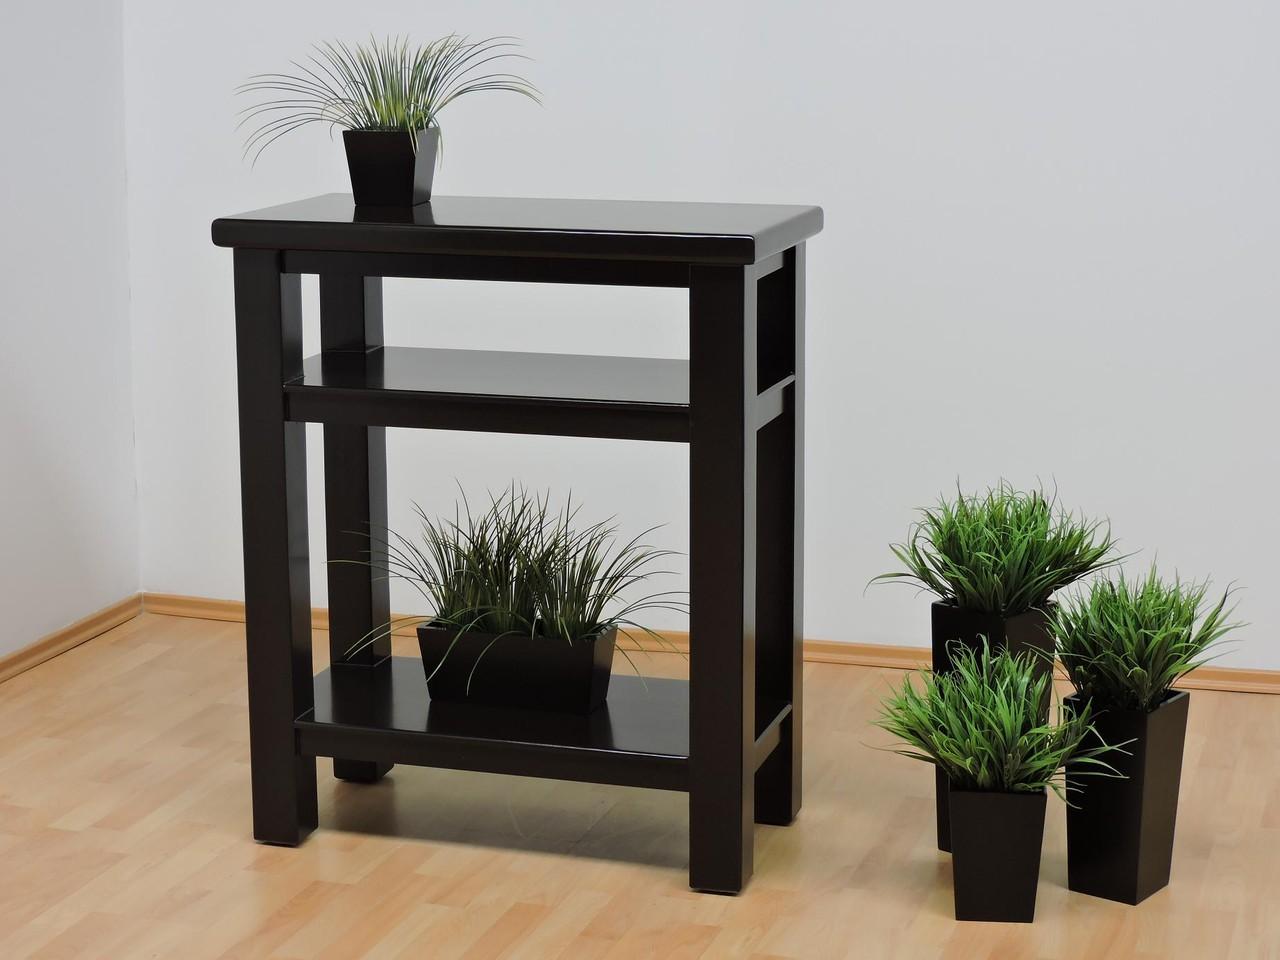 Mesas para television muebles gm muebles de madera for Mueble que se convierte en mesa